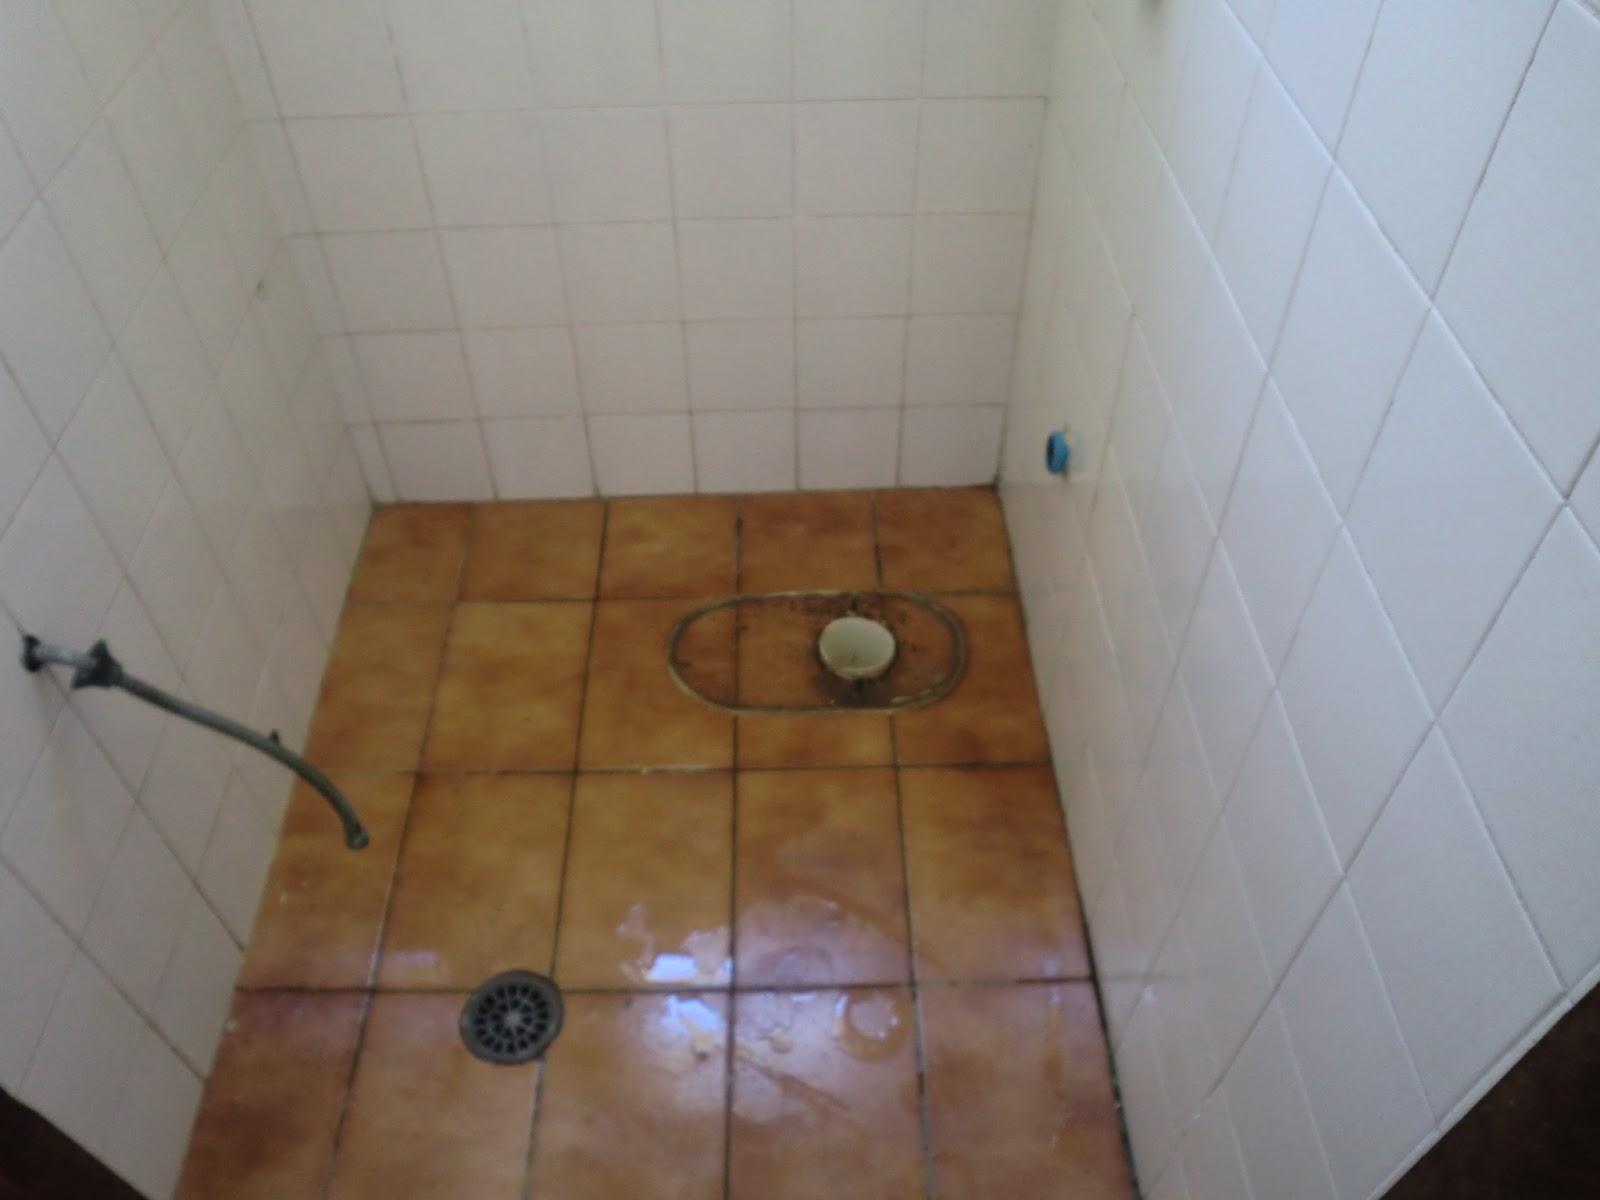 Aqui o lavabo ja desmontado e pronto para receber os novos acabamentos #6B482A 1600x1200 Banheiro Com Lavatorio Externo